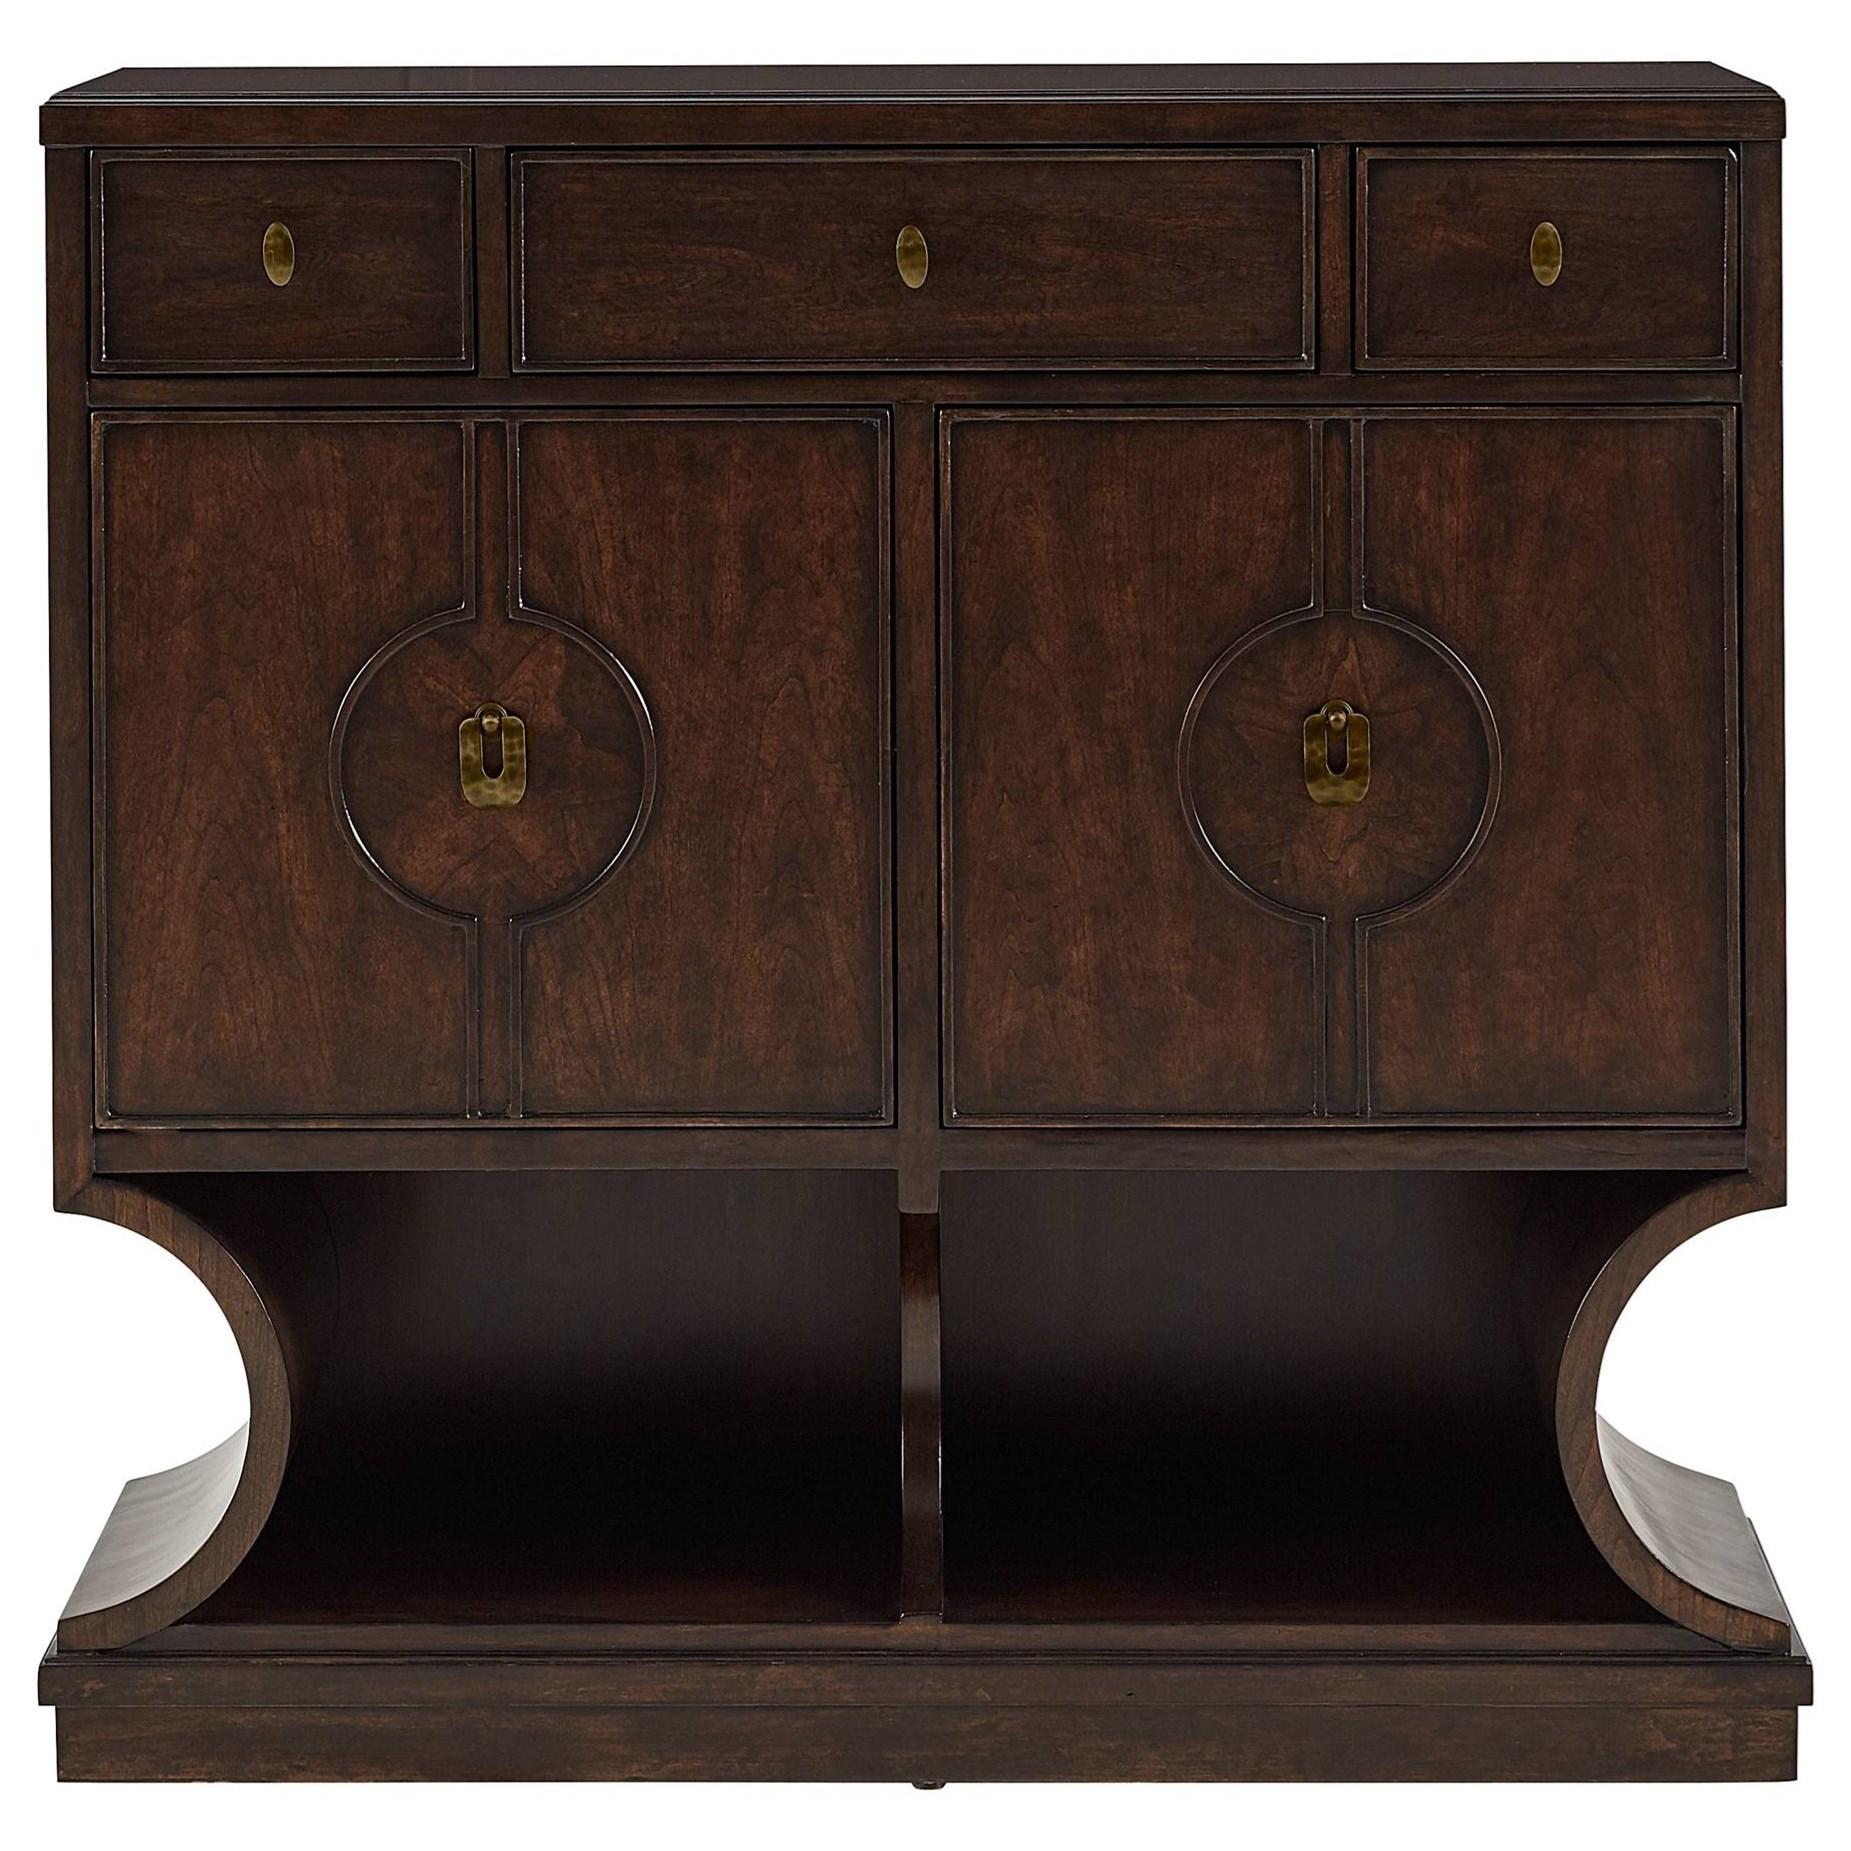 Stanley Furniture Virage Media Chest - Item Number: 696-13-11